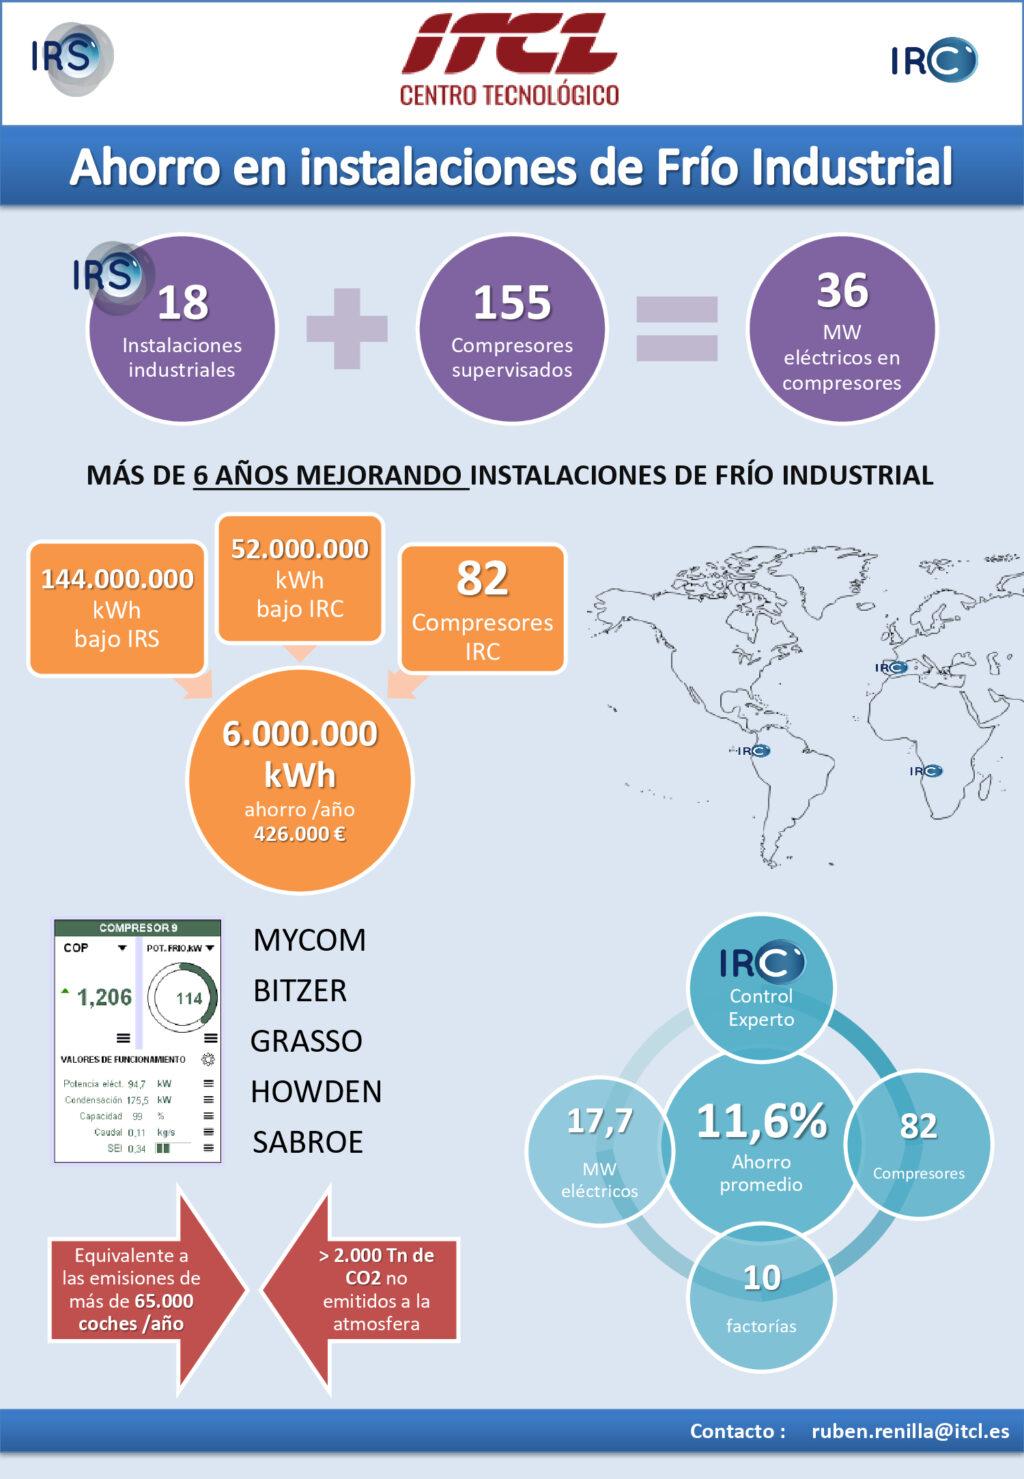 La herramienta digital de mejora de Eficiencia Energética de ITCL consigue reducir 2.000 toneladas de CO2 a la atmósfera al año